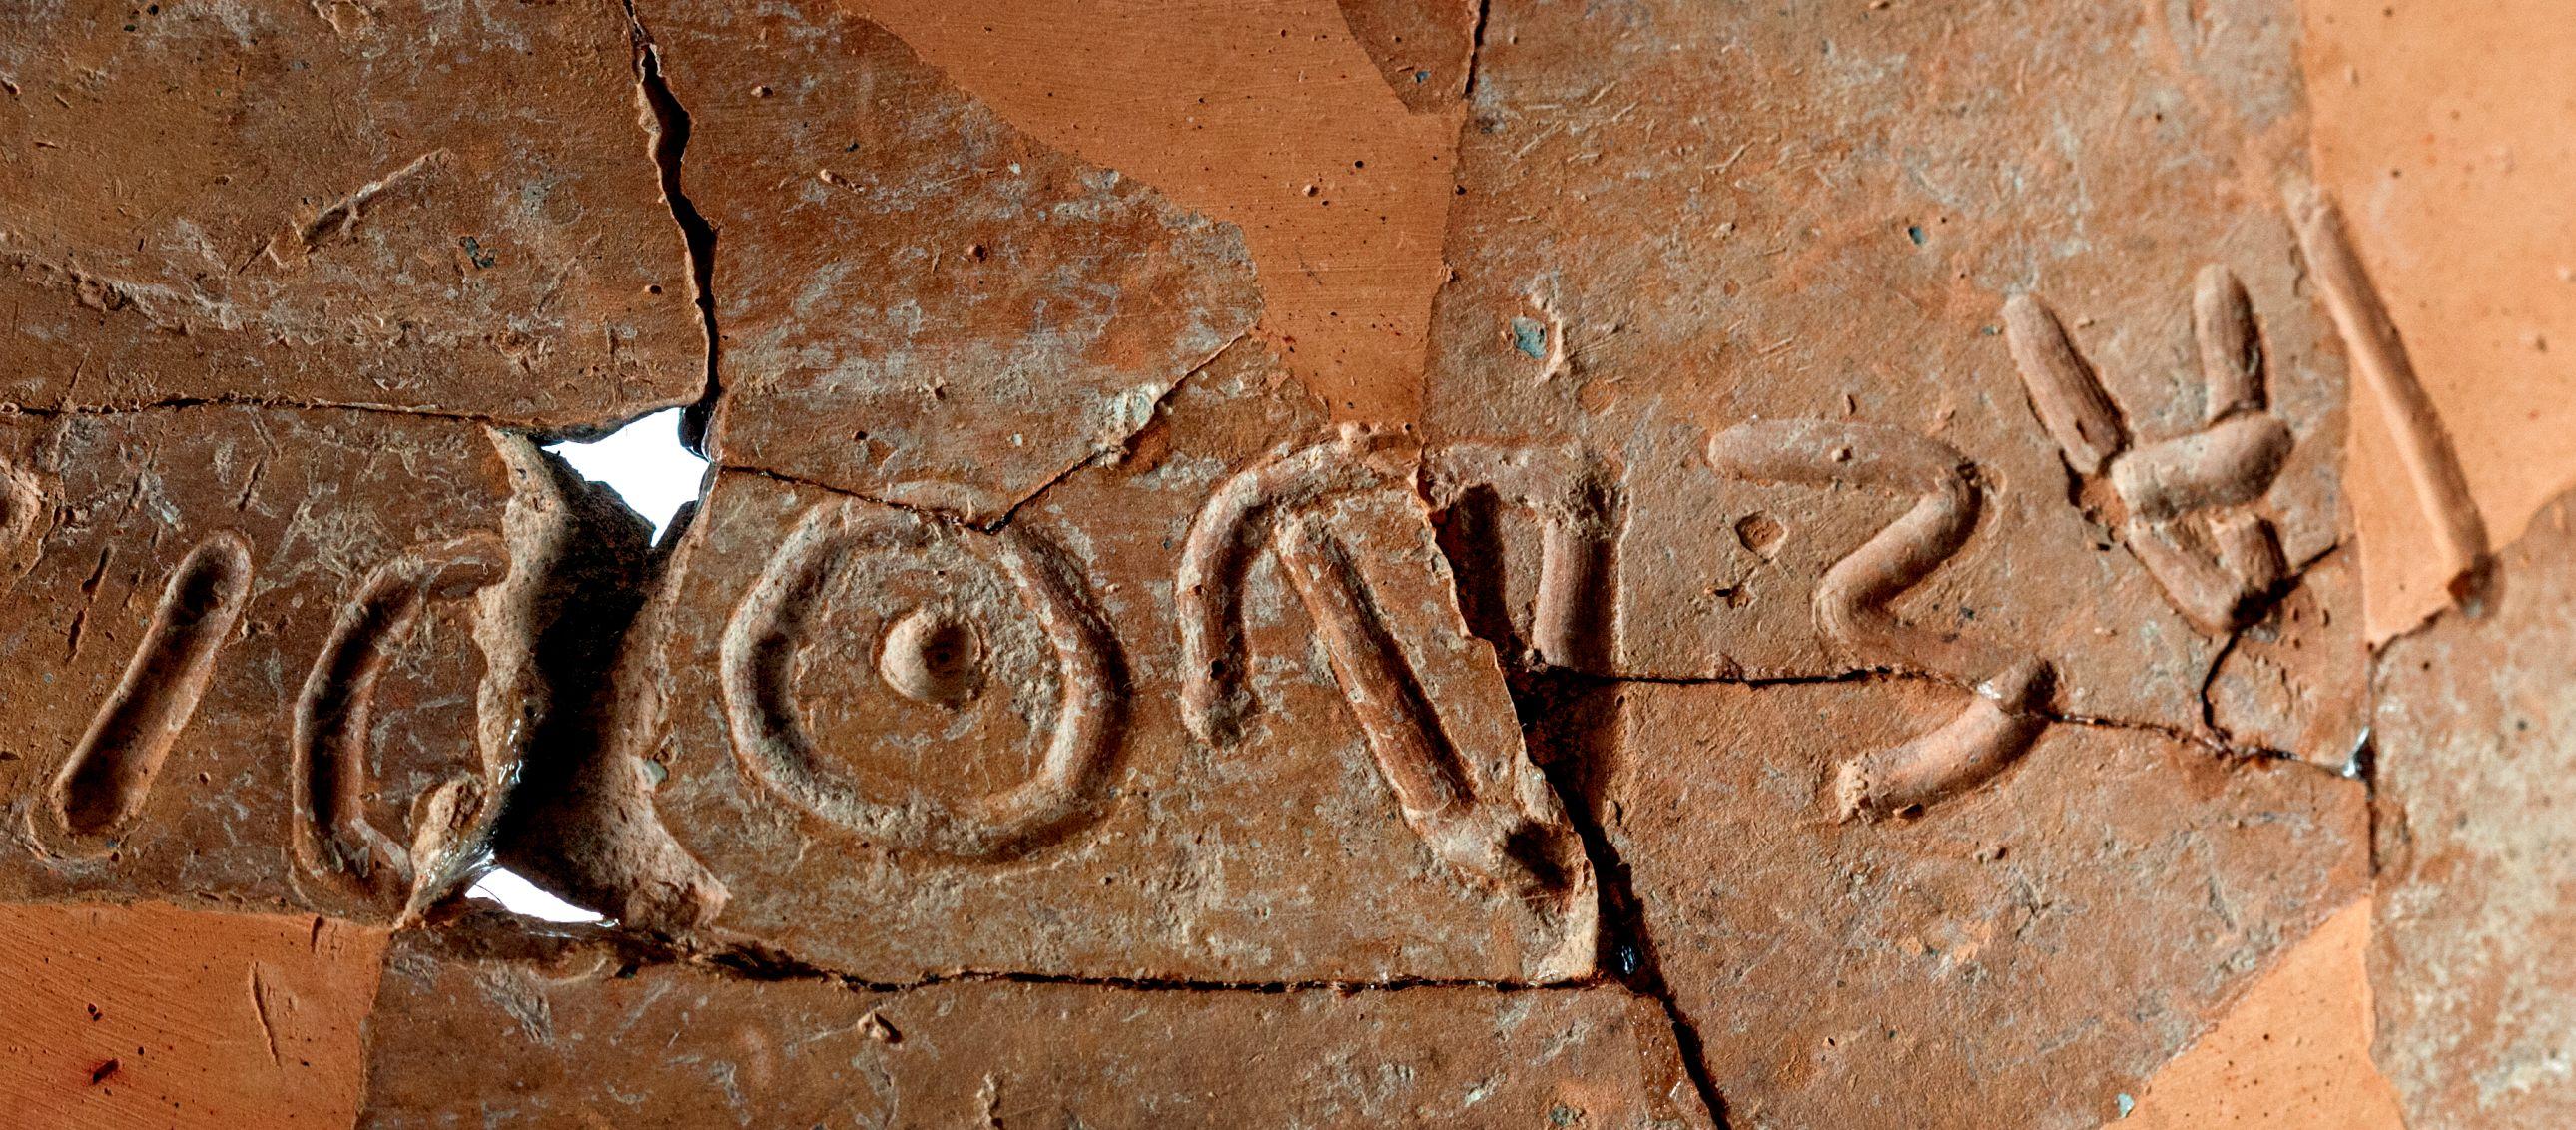 אשבעל בכתב כנעני עתיק. מימין לשמאל: אלף, שין, בית, עין, למד. צילום: טל רוגובסקי